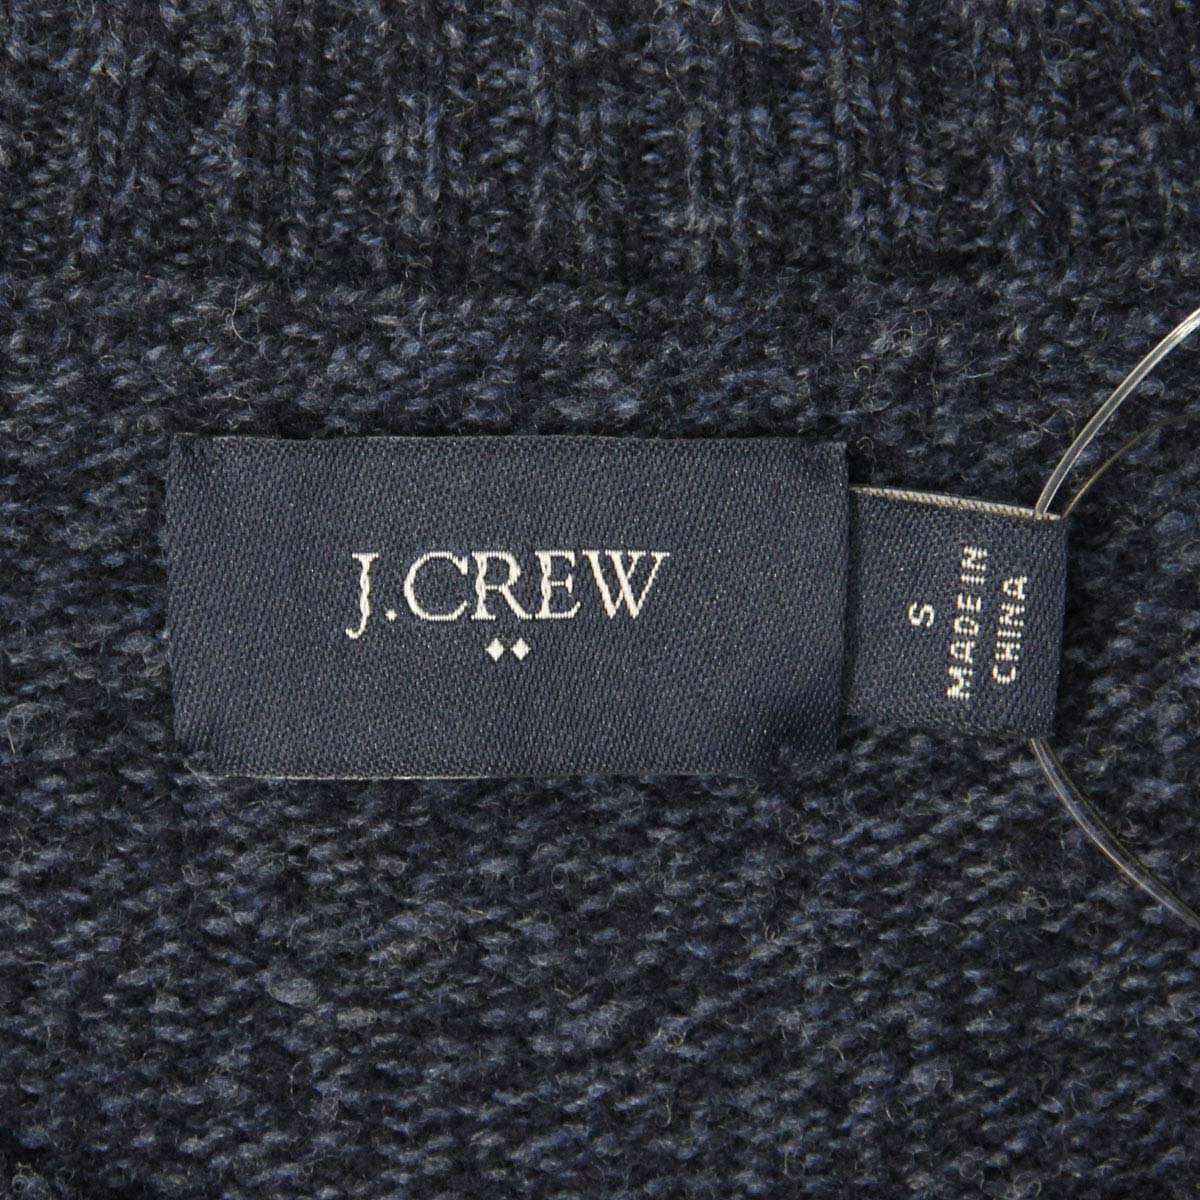 jcrew_2